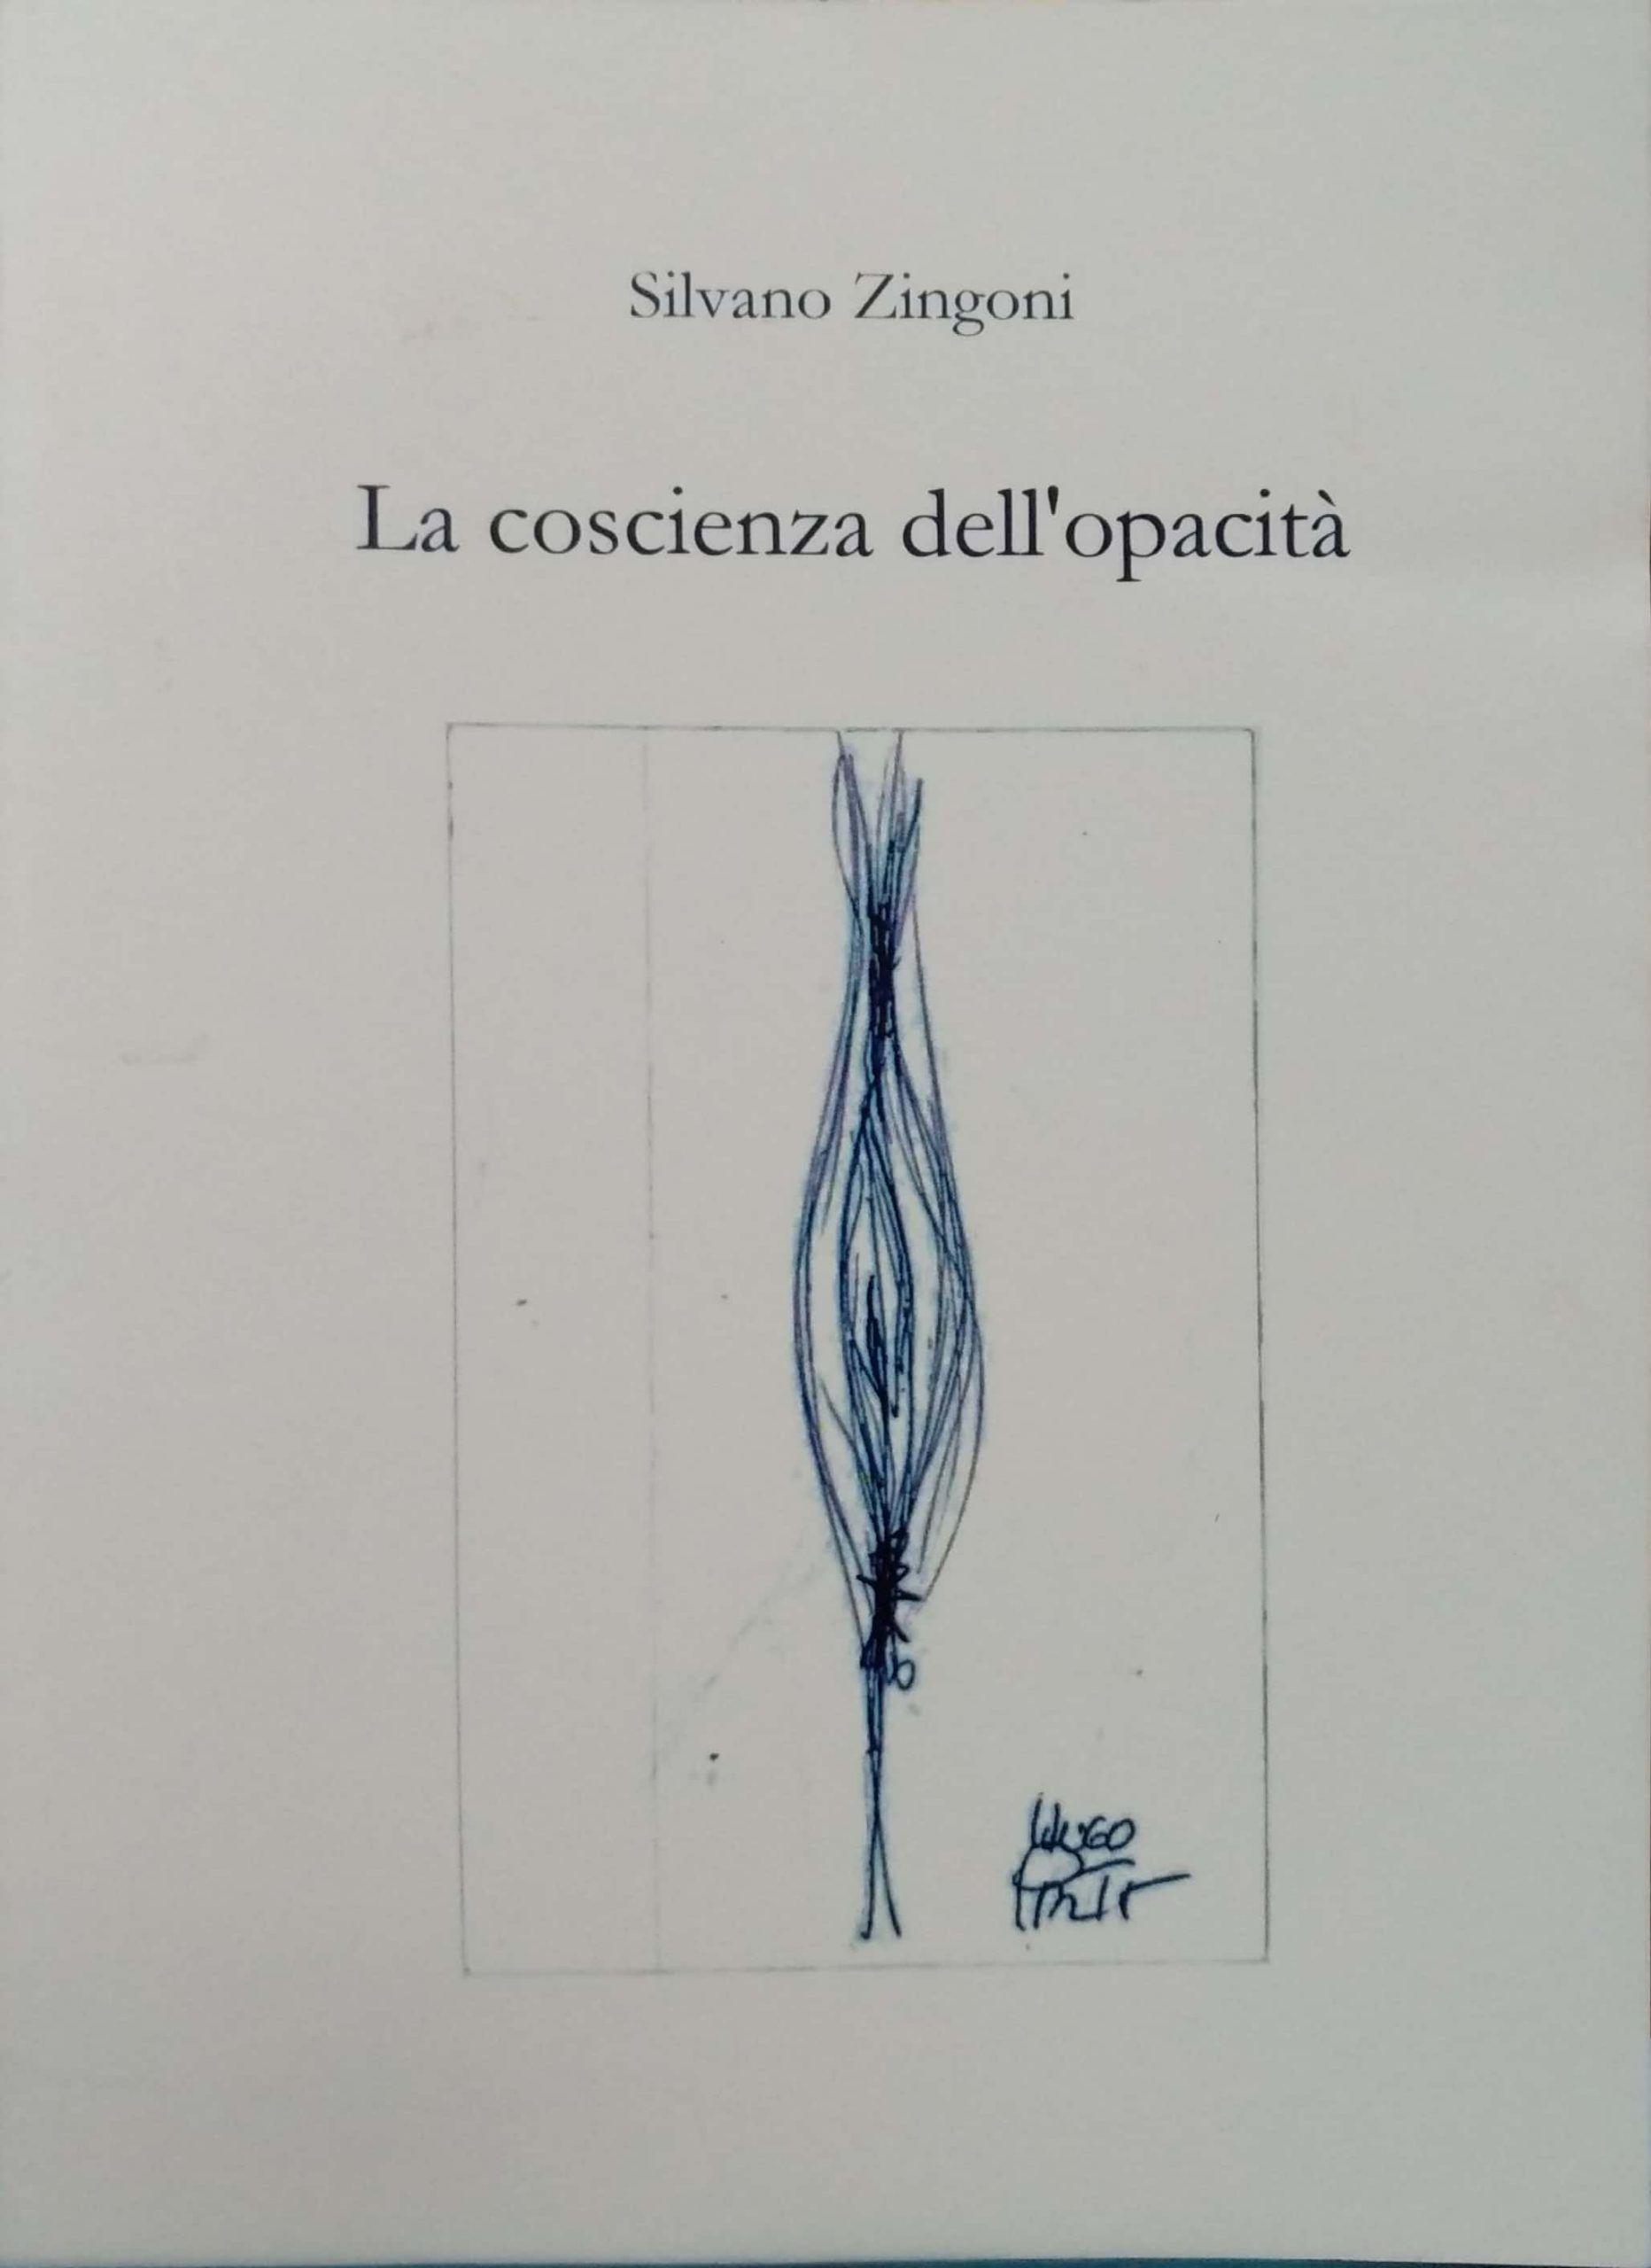 """""""La coscienza dell'opacità"""" di Silvano Zingoni, un racconto da leggere: peccato che…"""